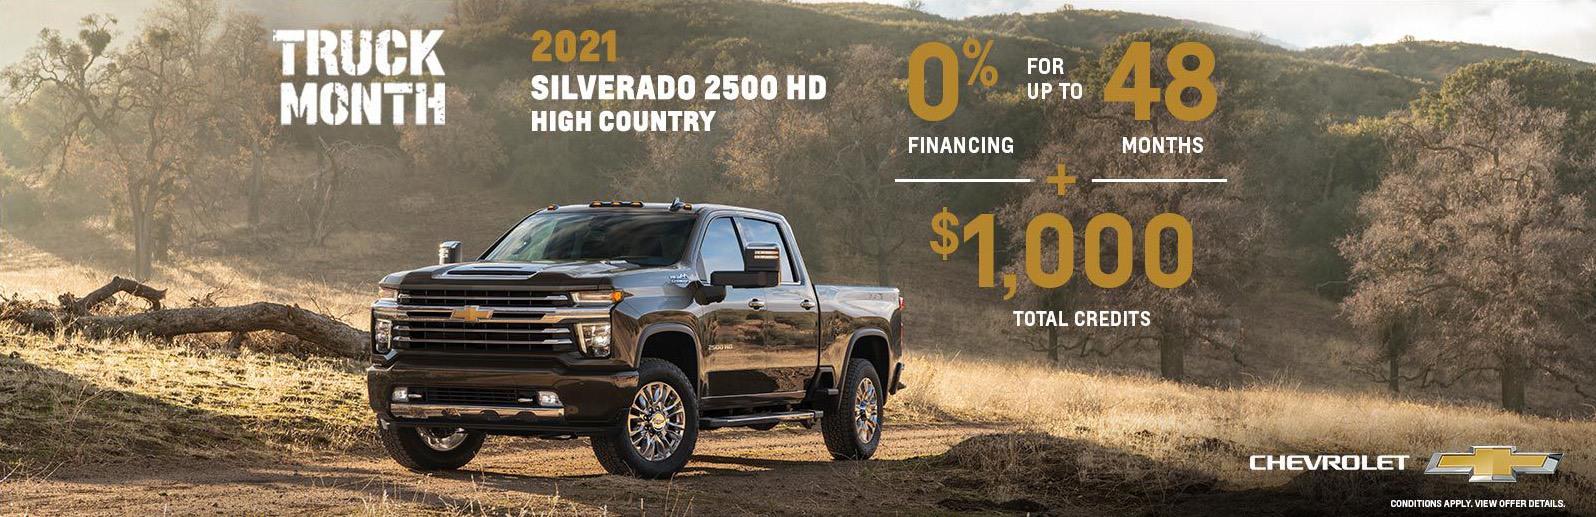 2021-chevrolet-silverado-2500-hd-truck-carter-gm-burnaby-northshore-bc